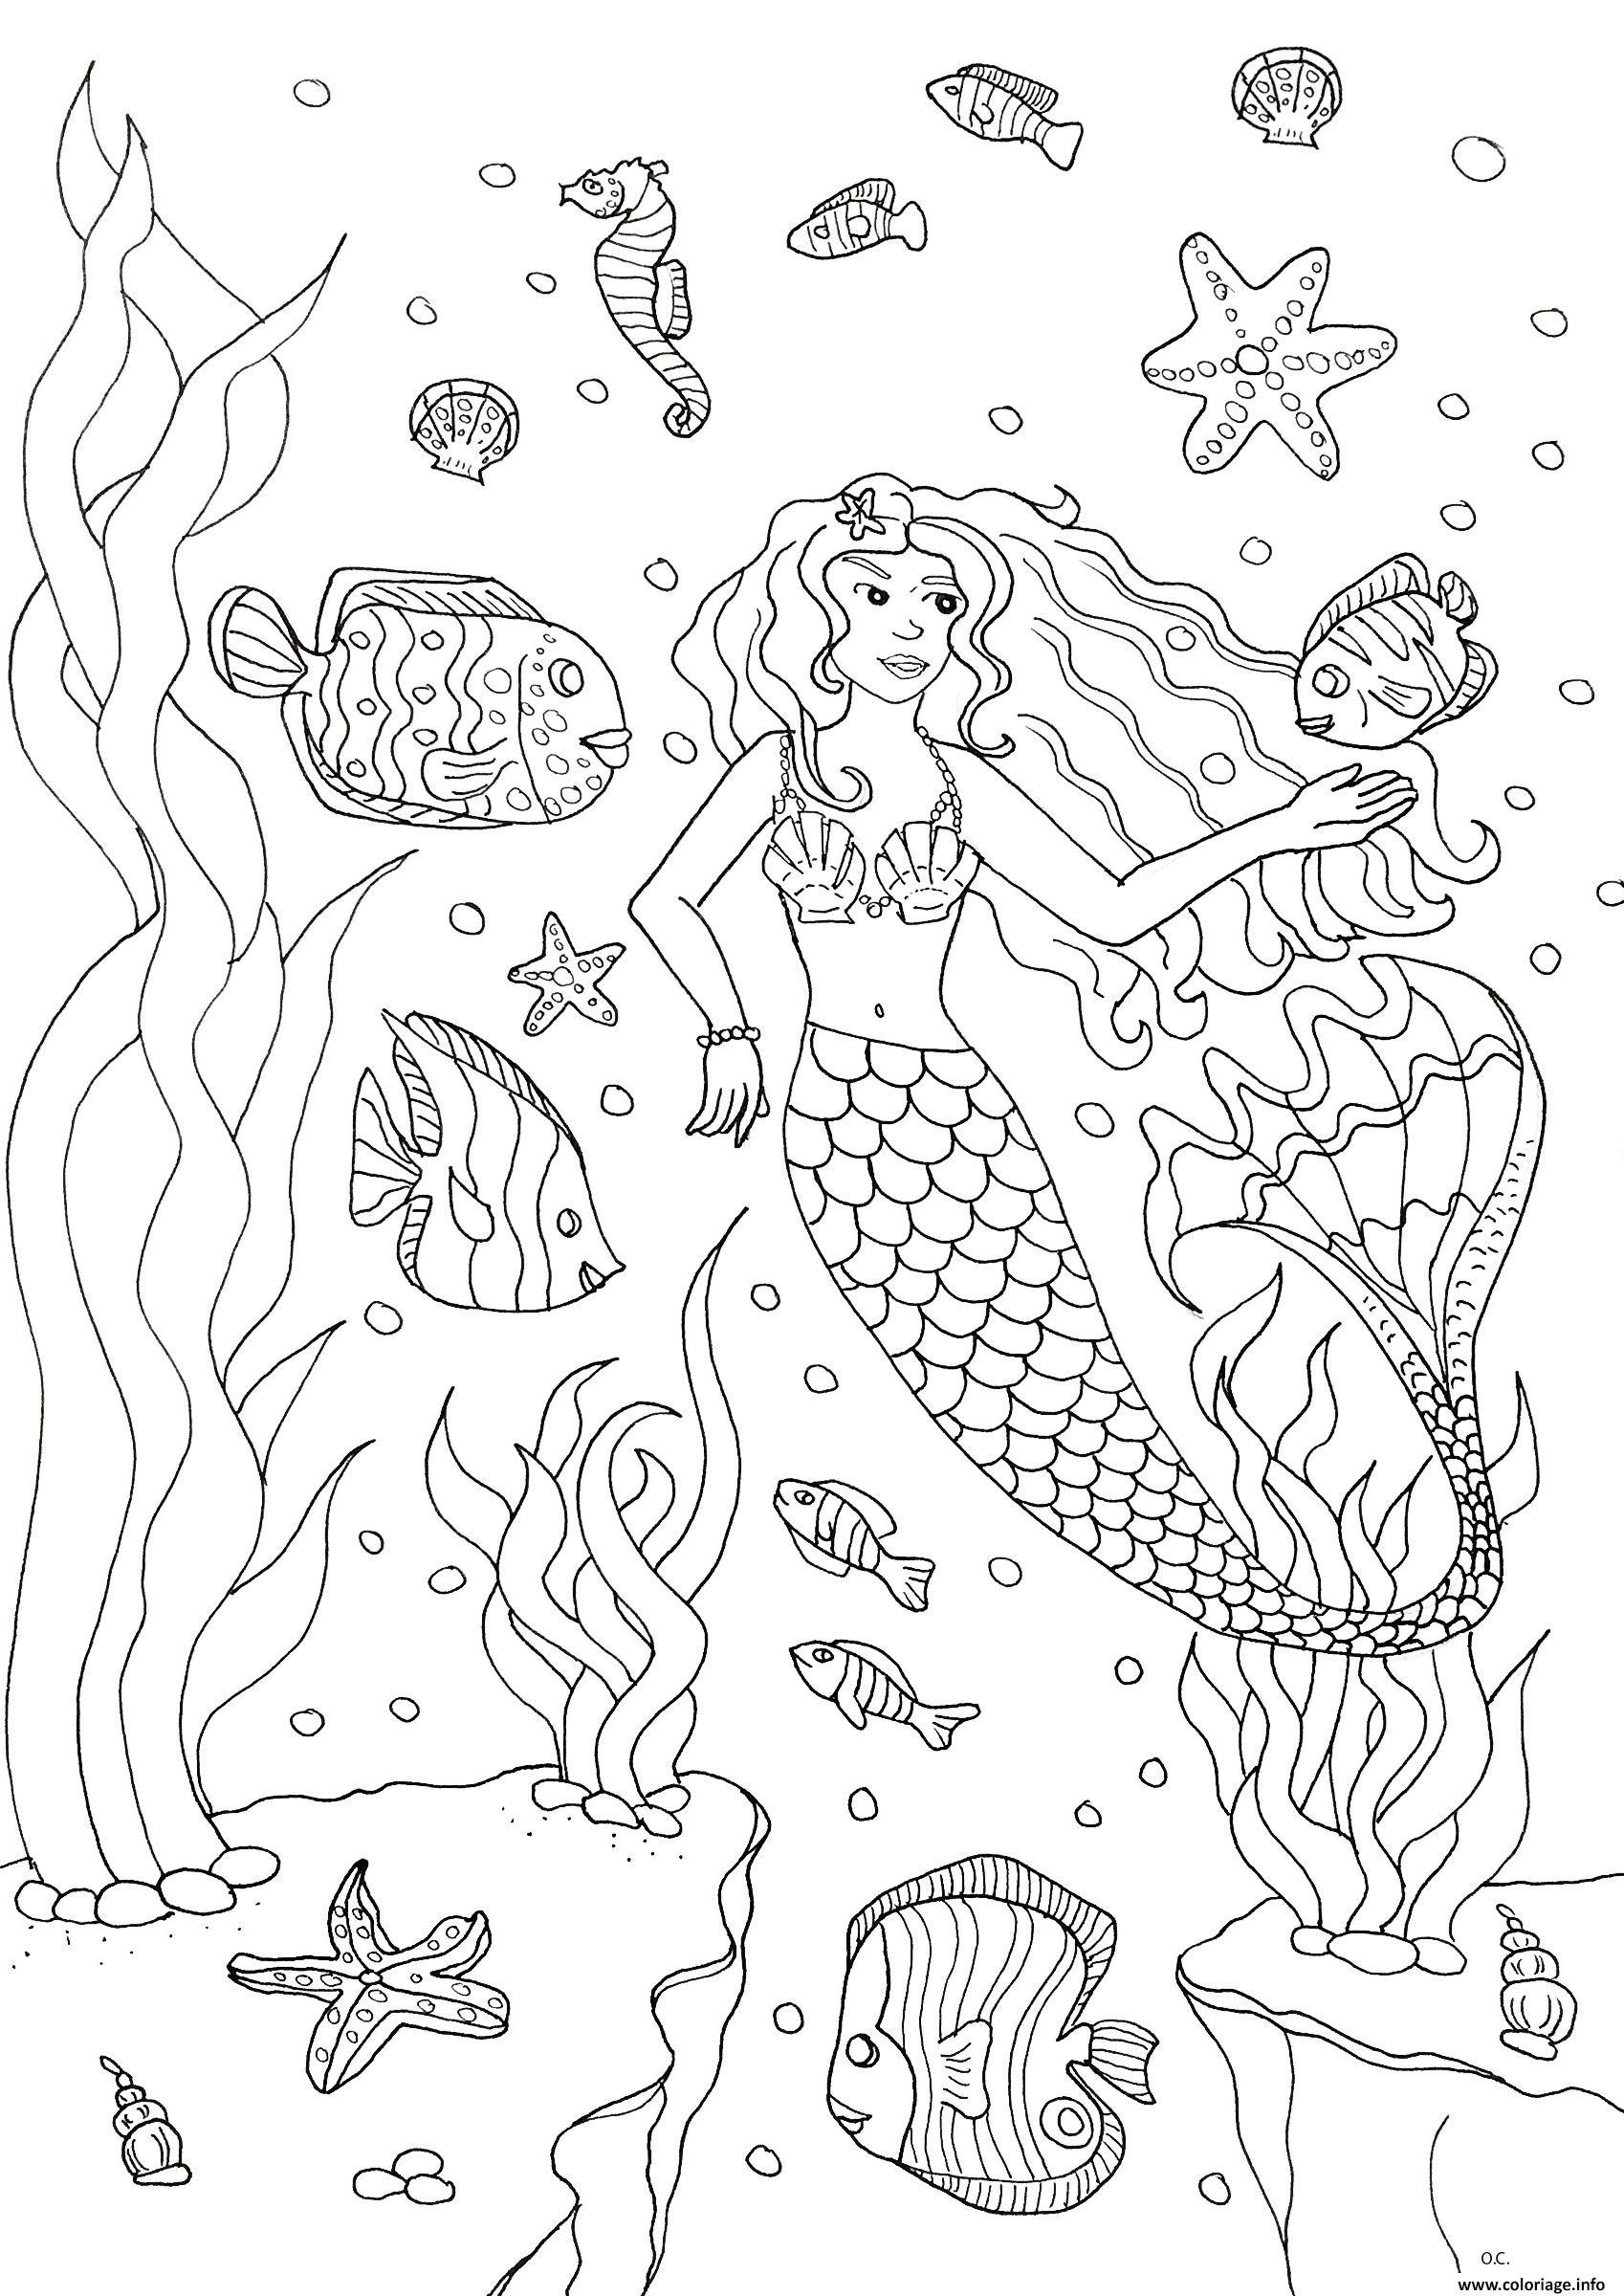 Dessin adulte sirene et poissons Coloriage Gratuit à Imprimer